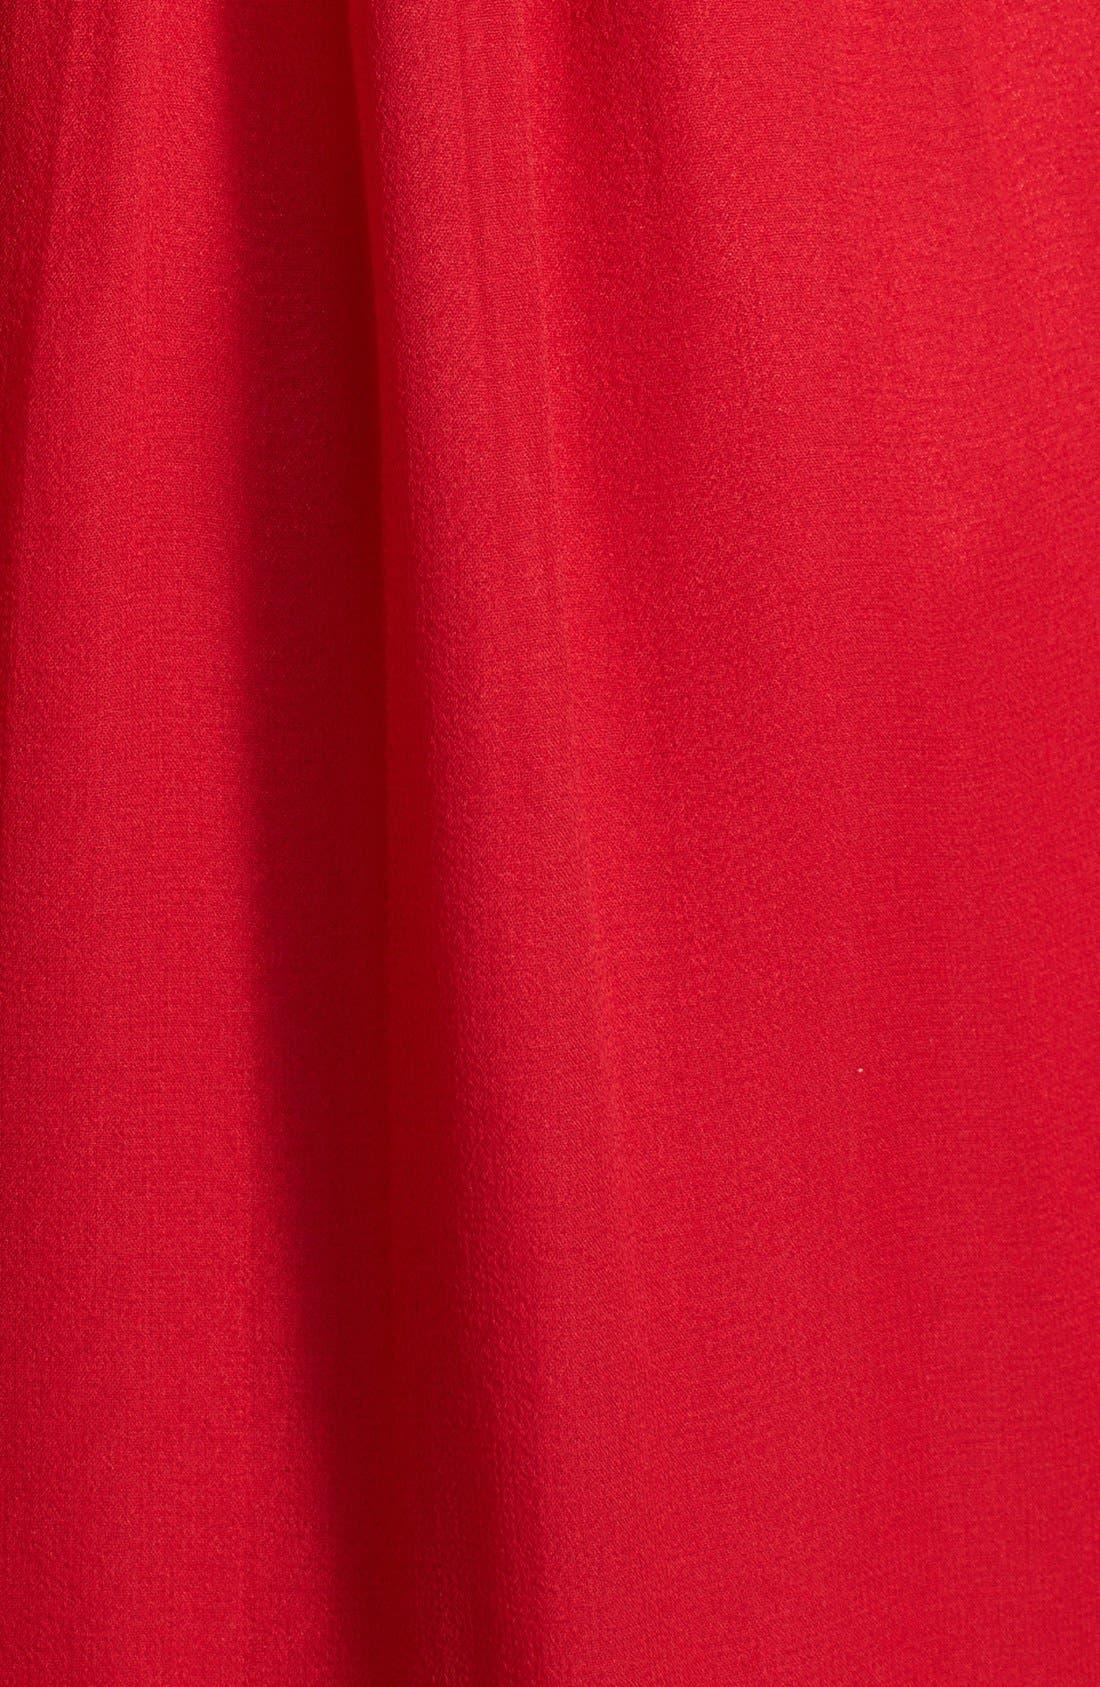 Alternate Image 3  - Jill Jill Stuart Silk Chiffon Dress